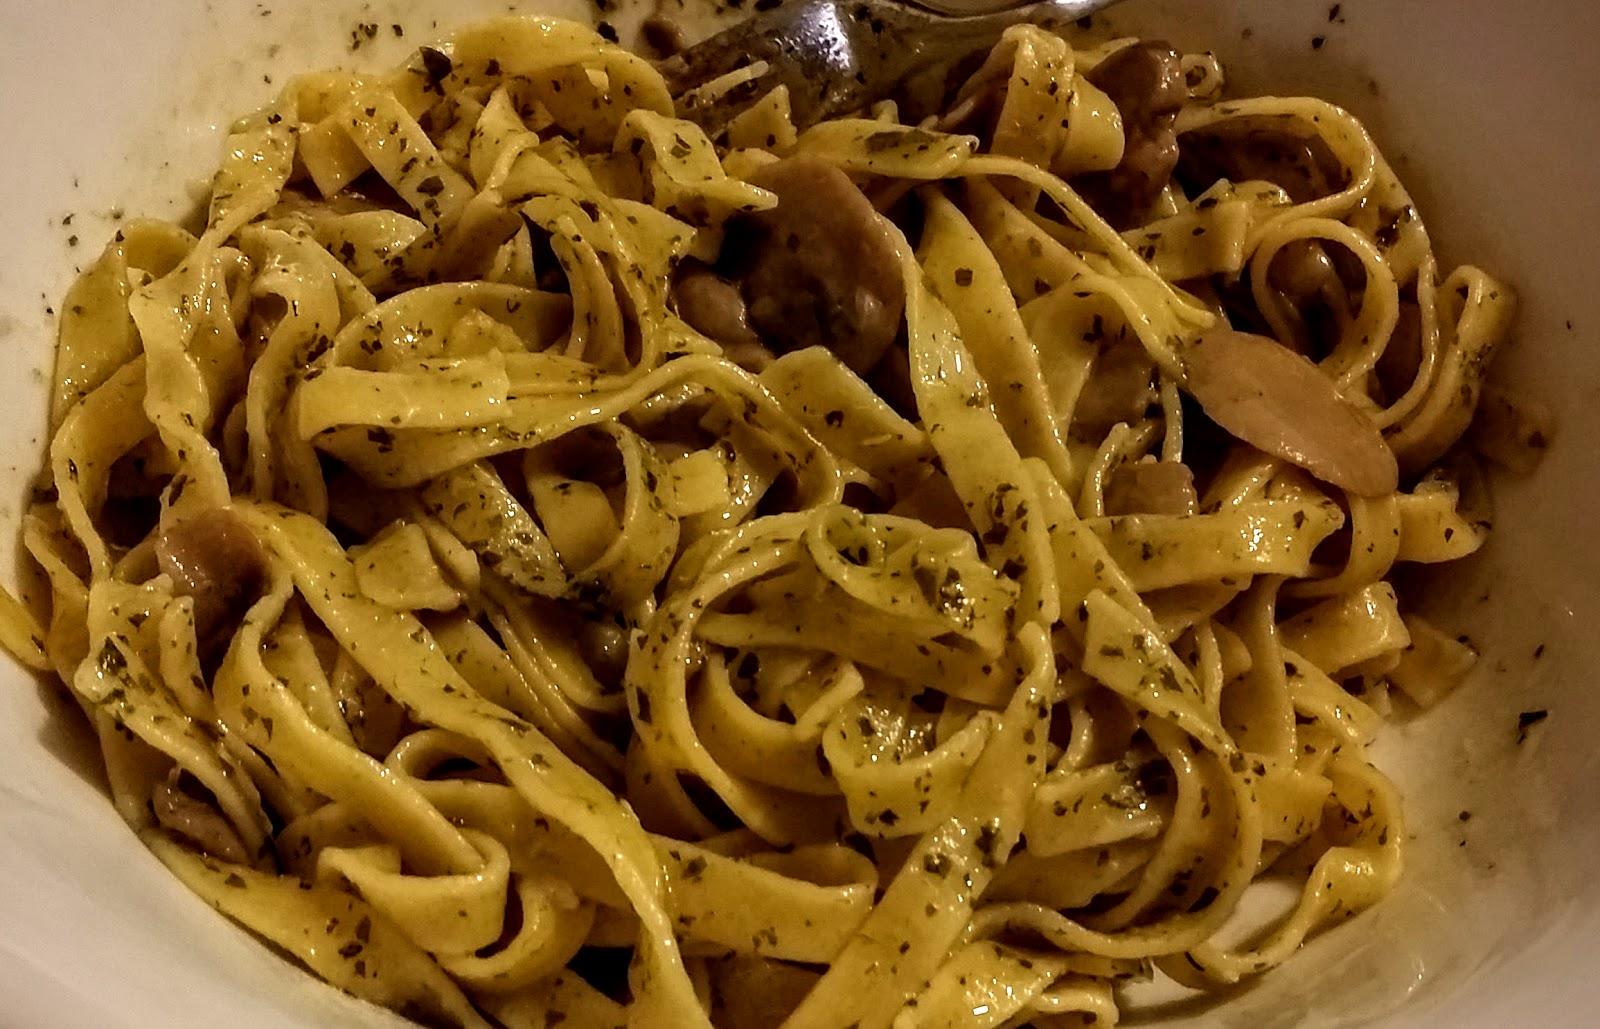 la famiglia in cucina: tagliatelle ai funghi risottate nel bimby - Come Cucinare I Funghi Surgelati